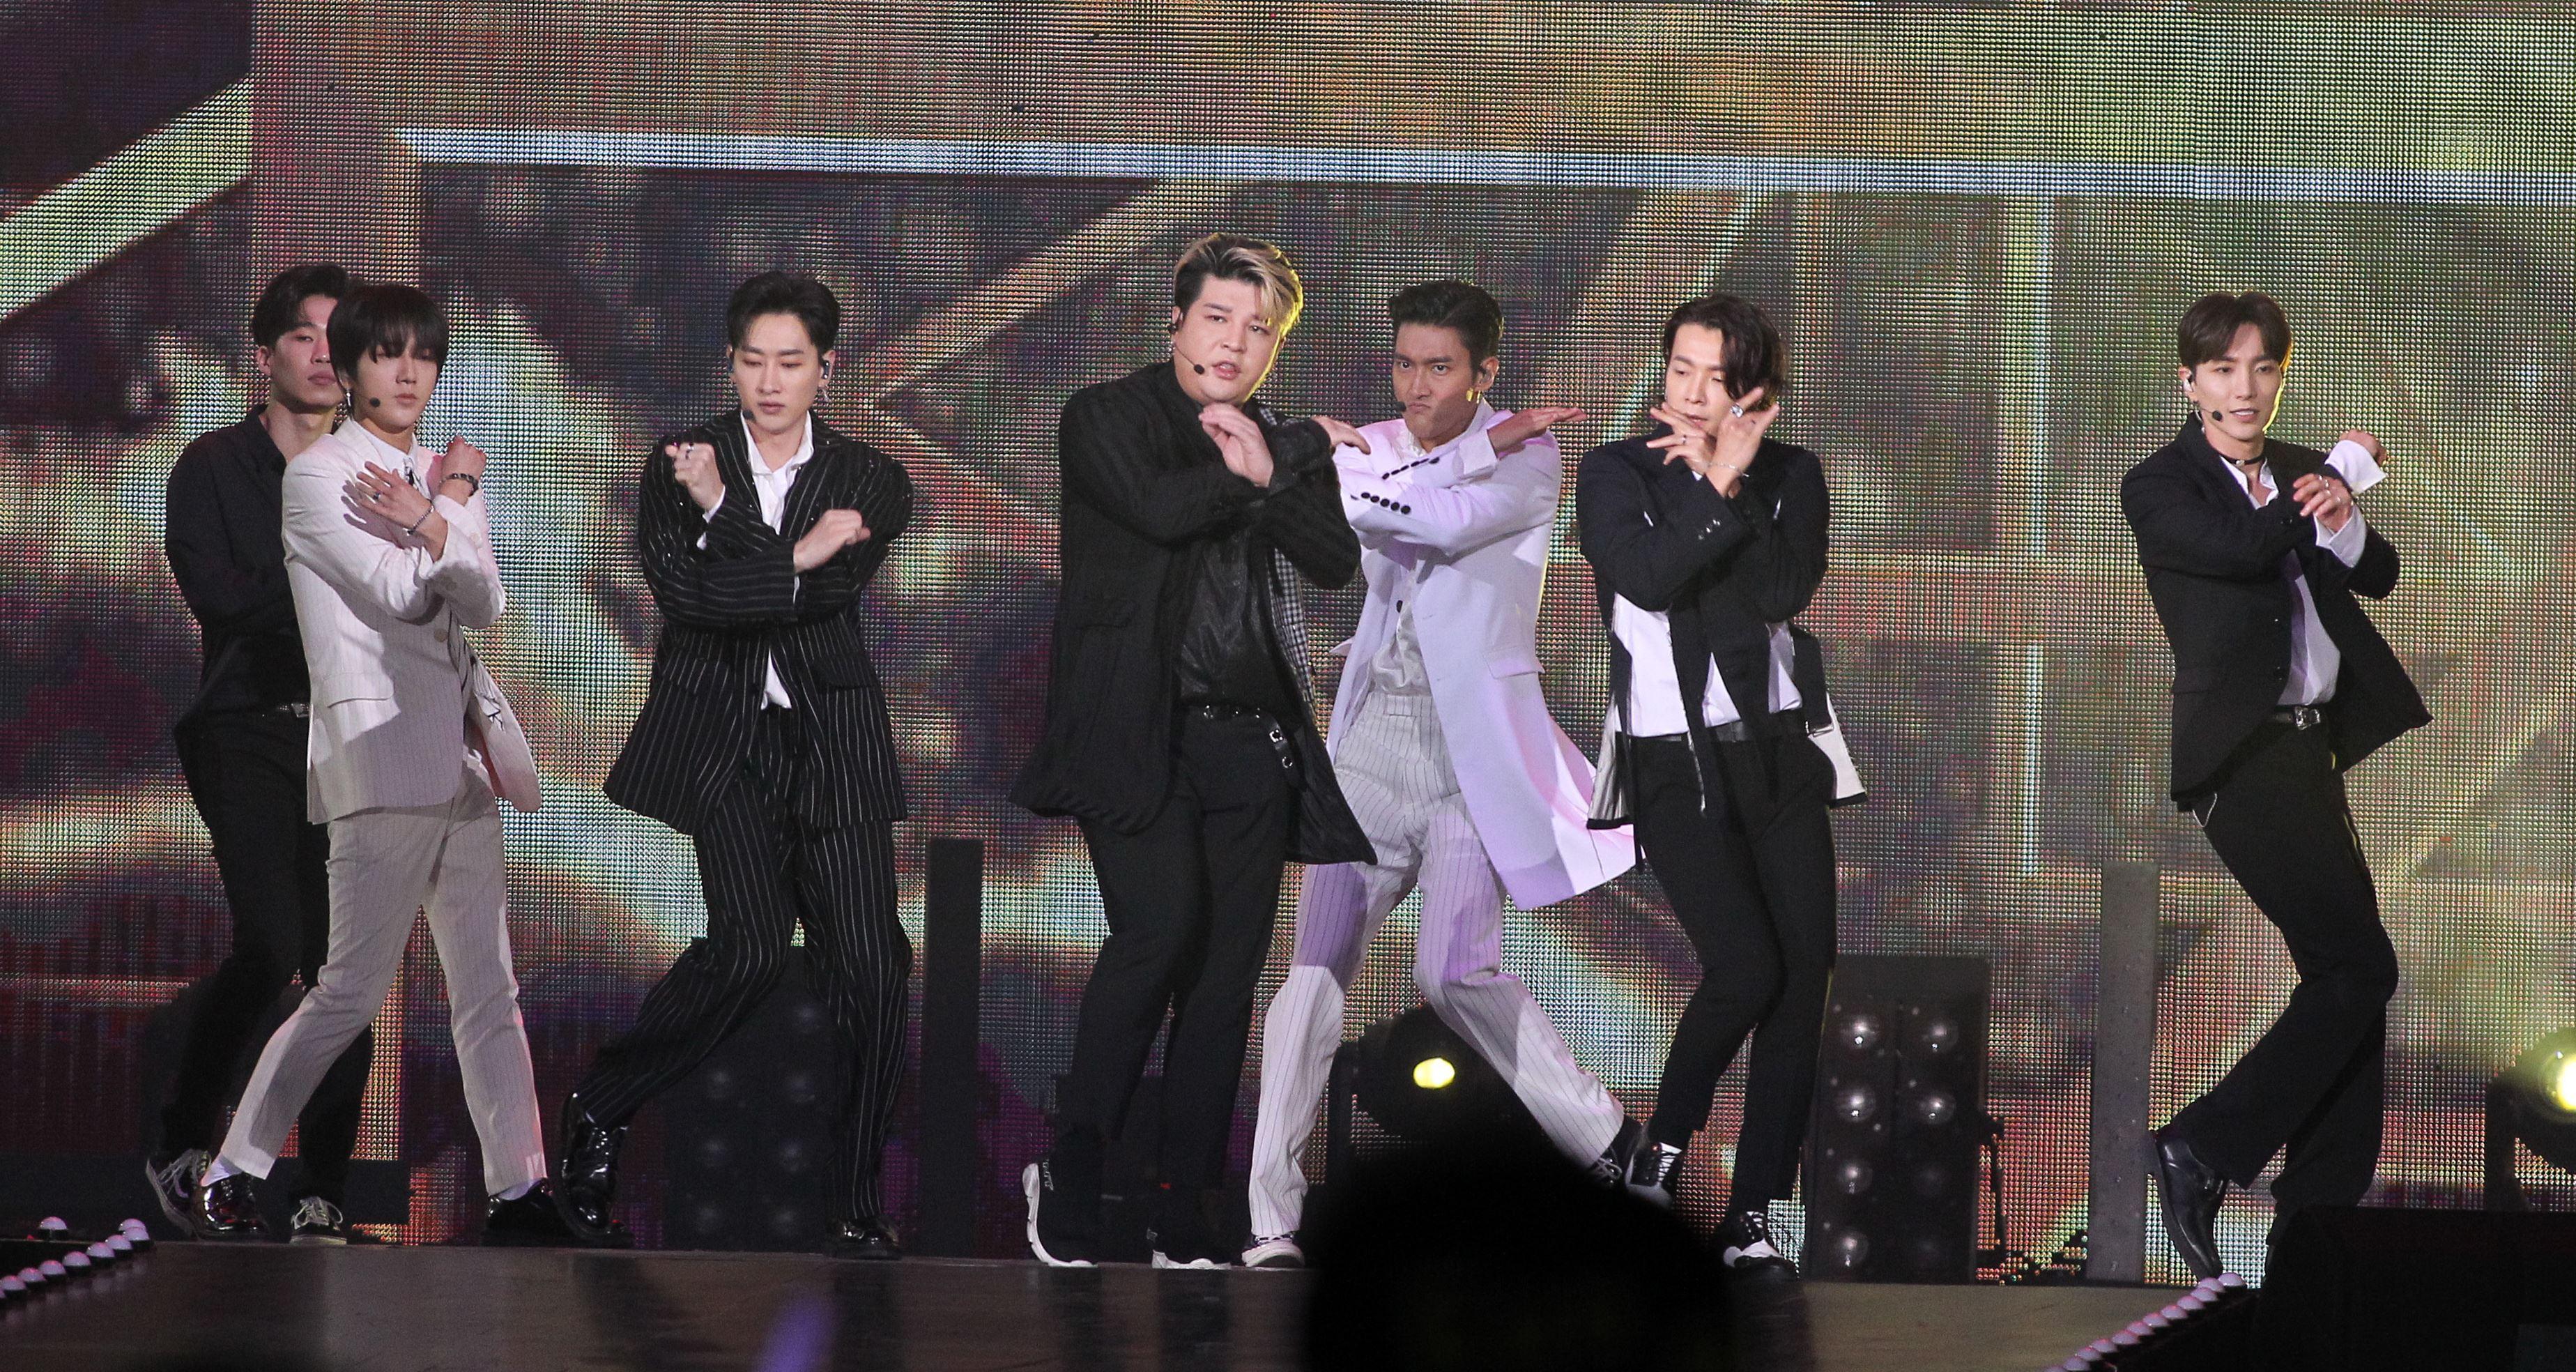 韓國男子團體SUPER JUNIOR在KKbox風雲榜演唱。(記者邱榮吉/攝影)